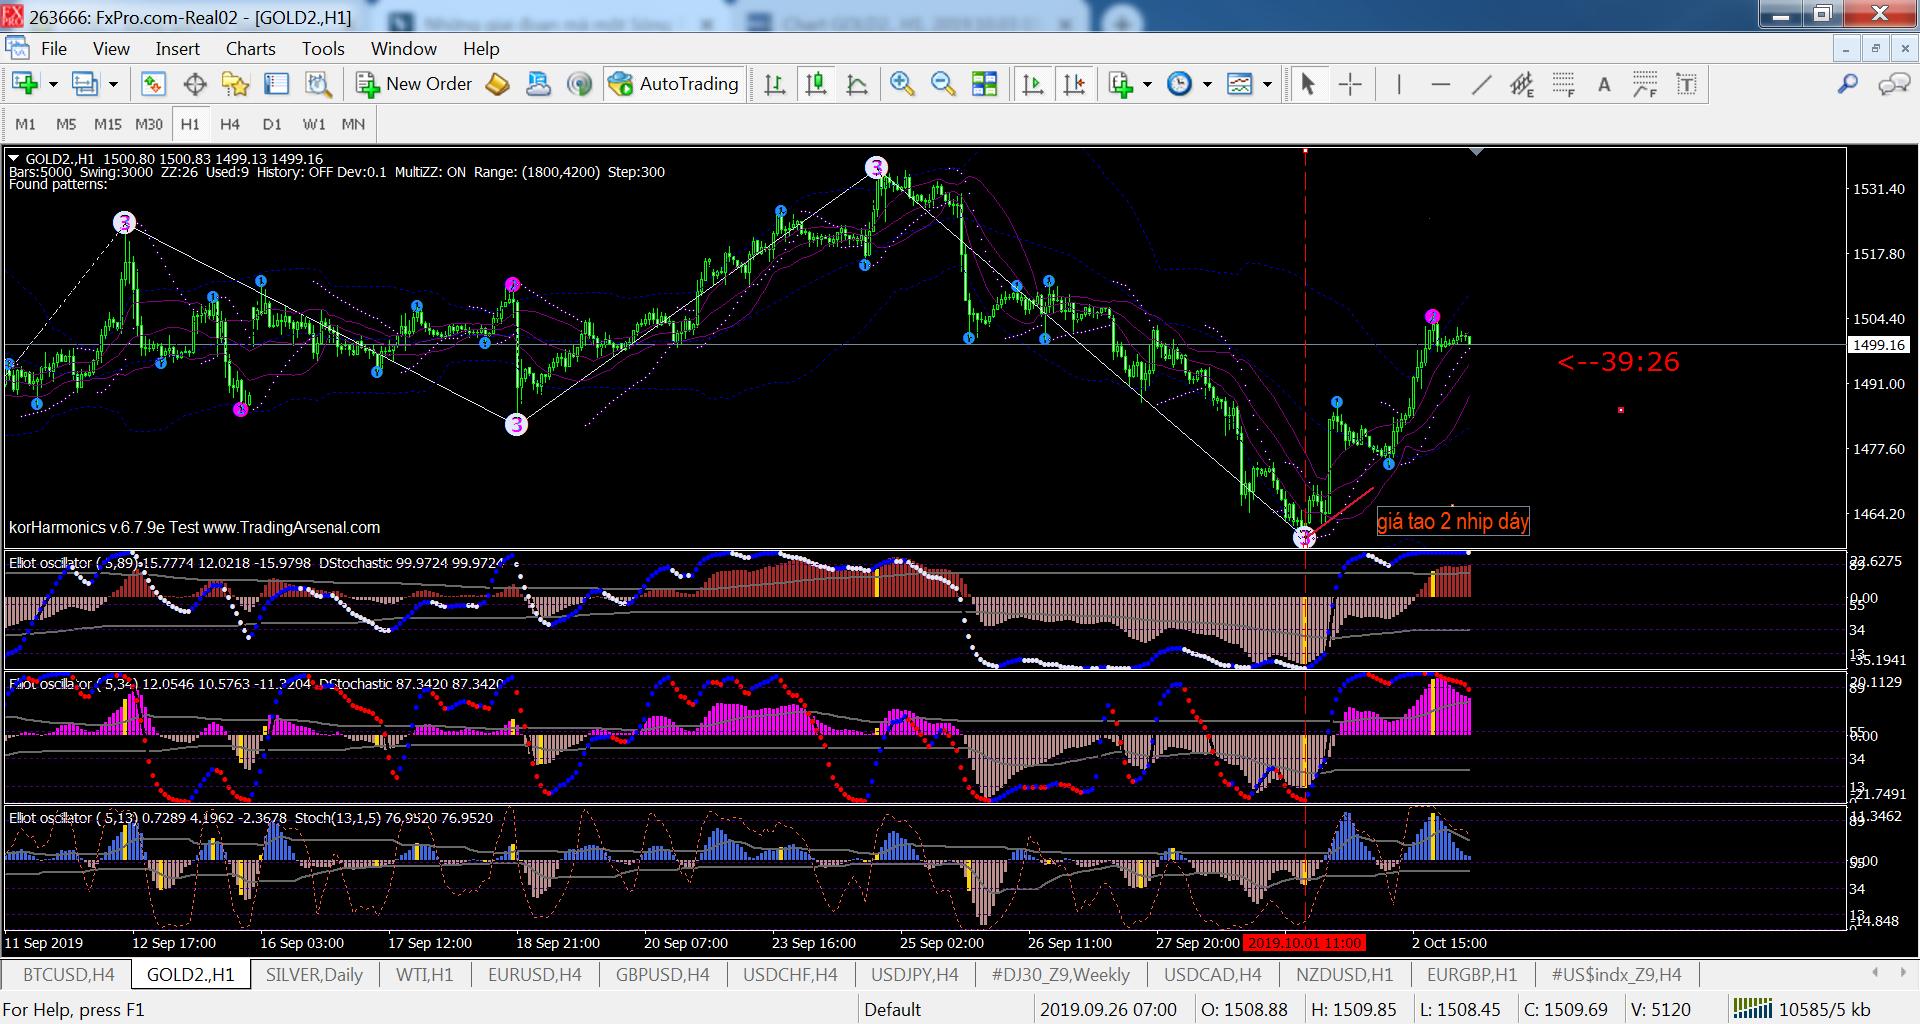 acharts.mql5.com_22_420_gold2_h1_fxpro_global_markets_3.